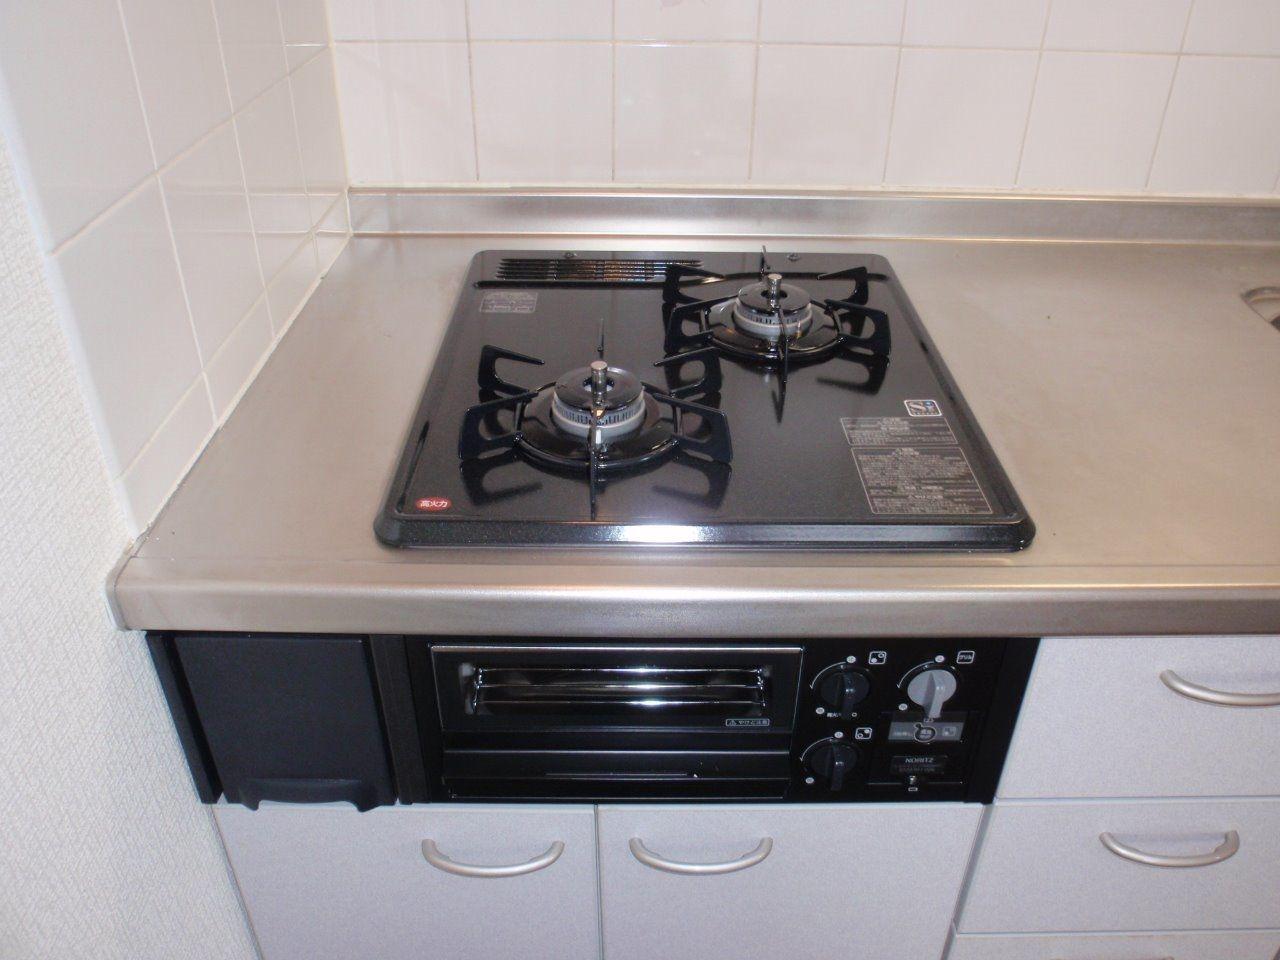 ガスのシステムキッチン、グリル付でお料理の幅が広がります。